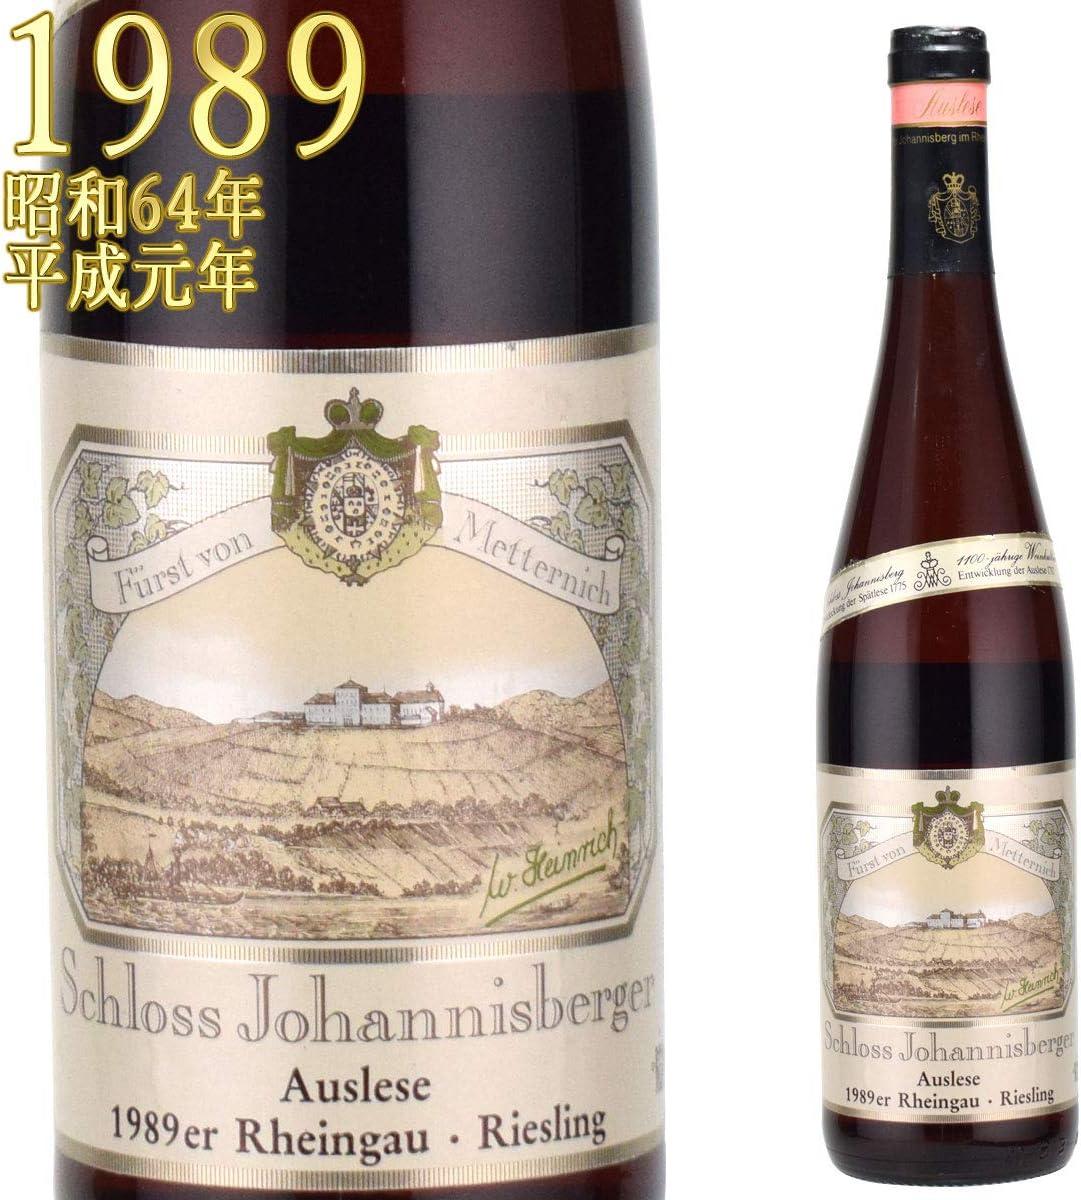 シュロス・ヨハニスベルガー アウスレーゼ 1989 750ml白 ドイツワイン ラインガウ